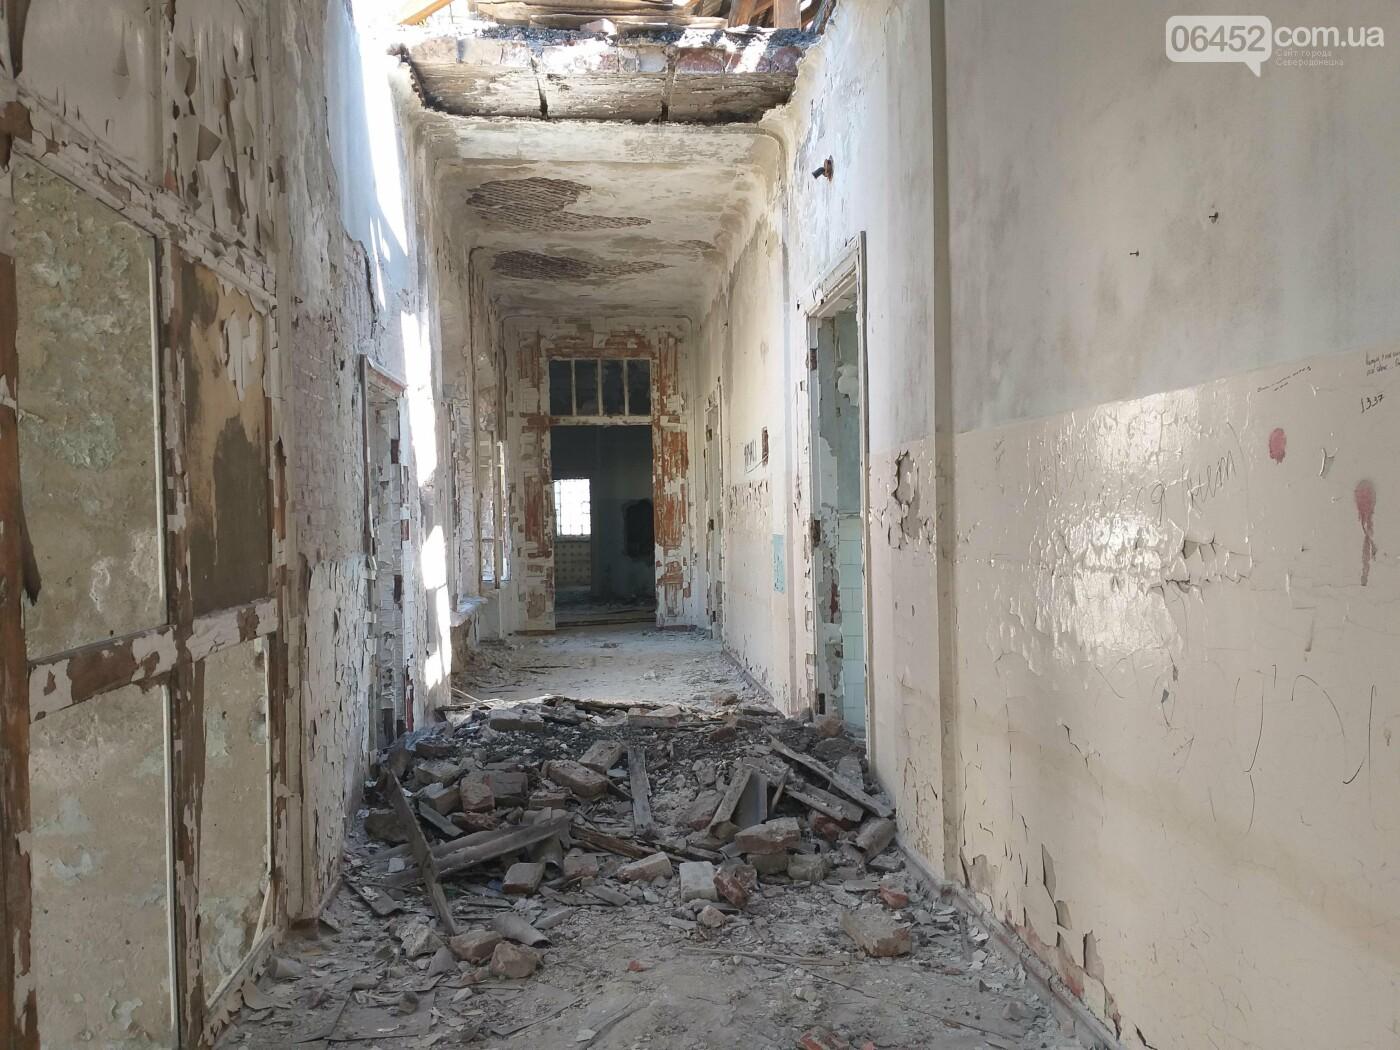 На Луганщине горело Бельгийское наследие. Какая ситуация сейчас (фото, видео), фото-17